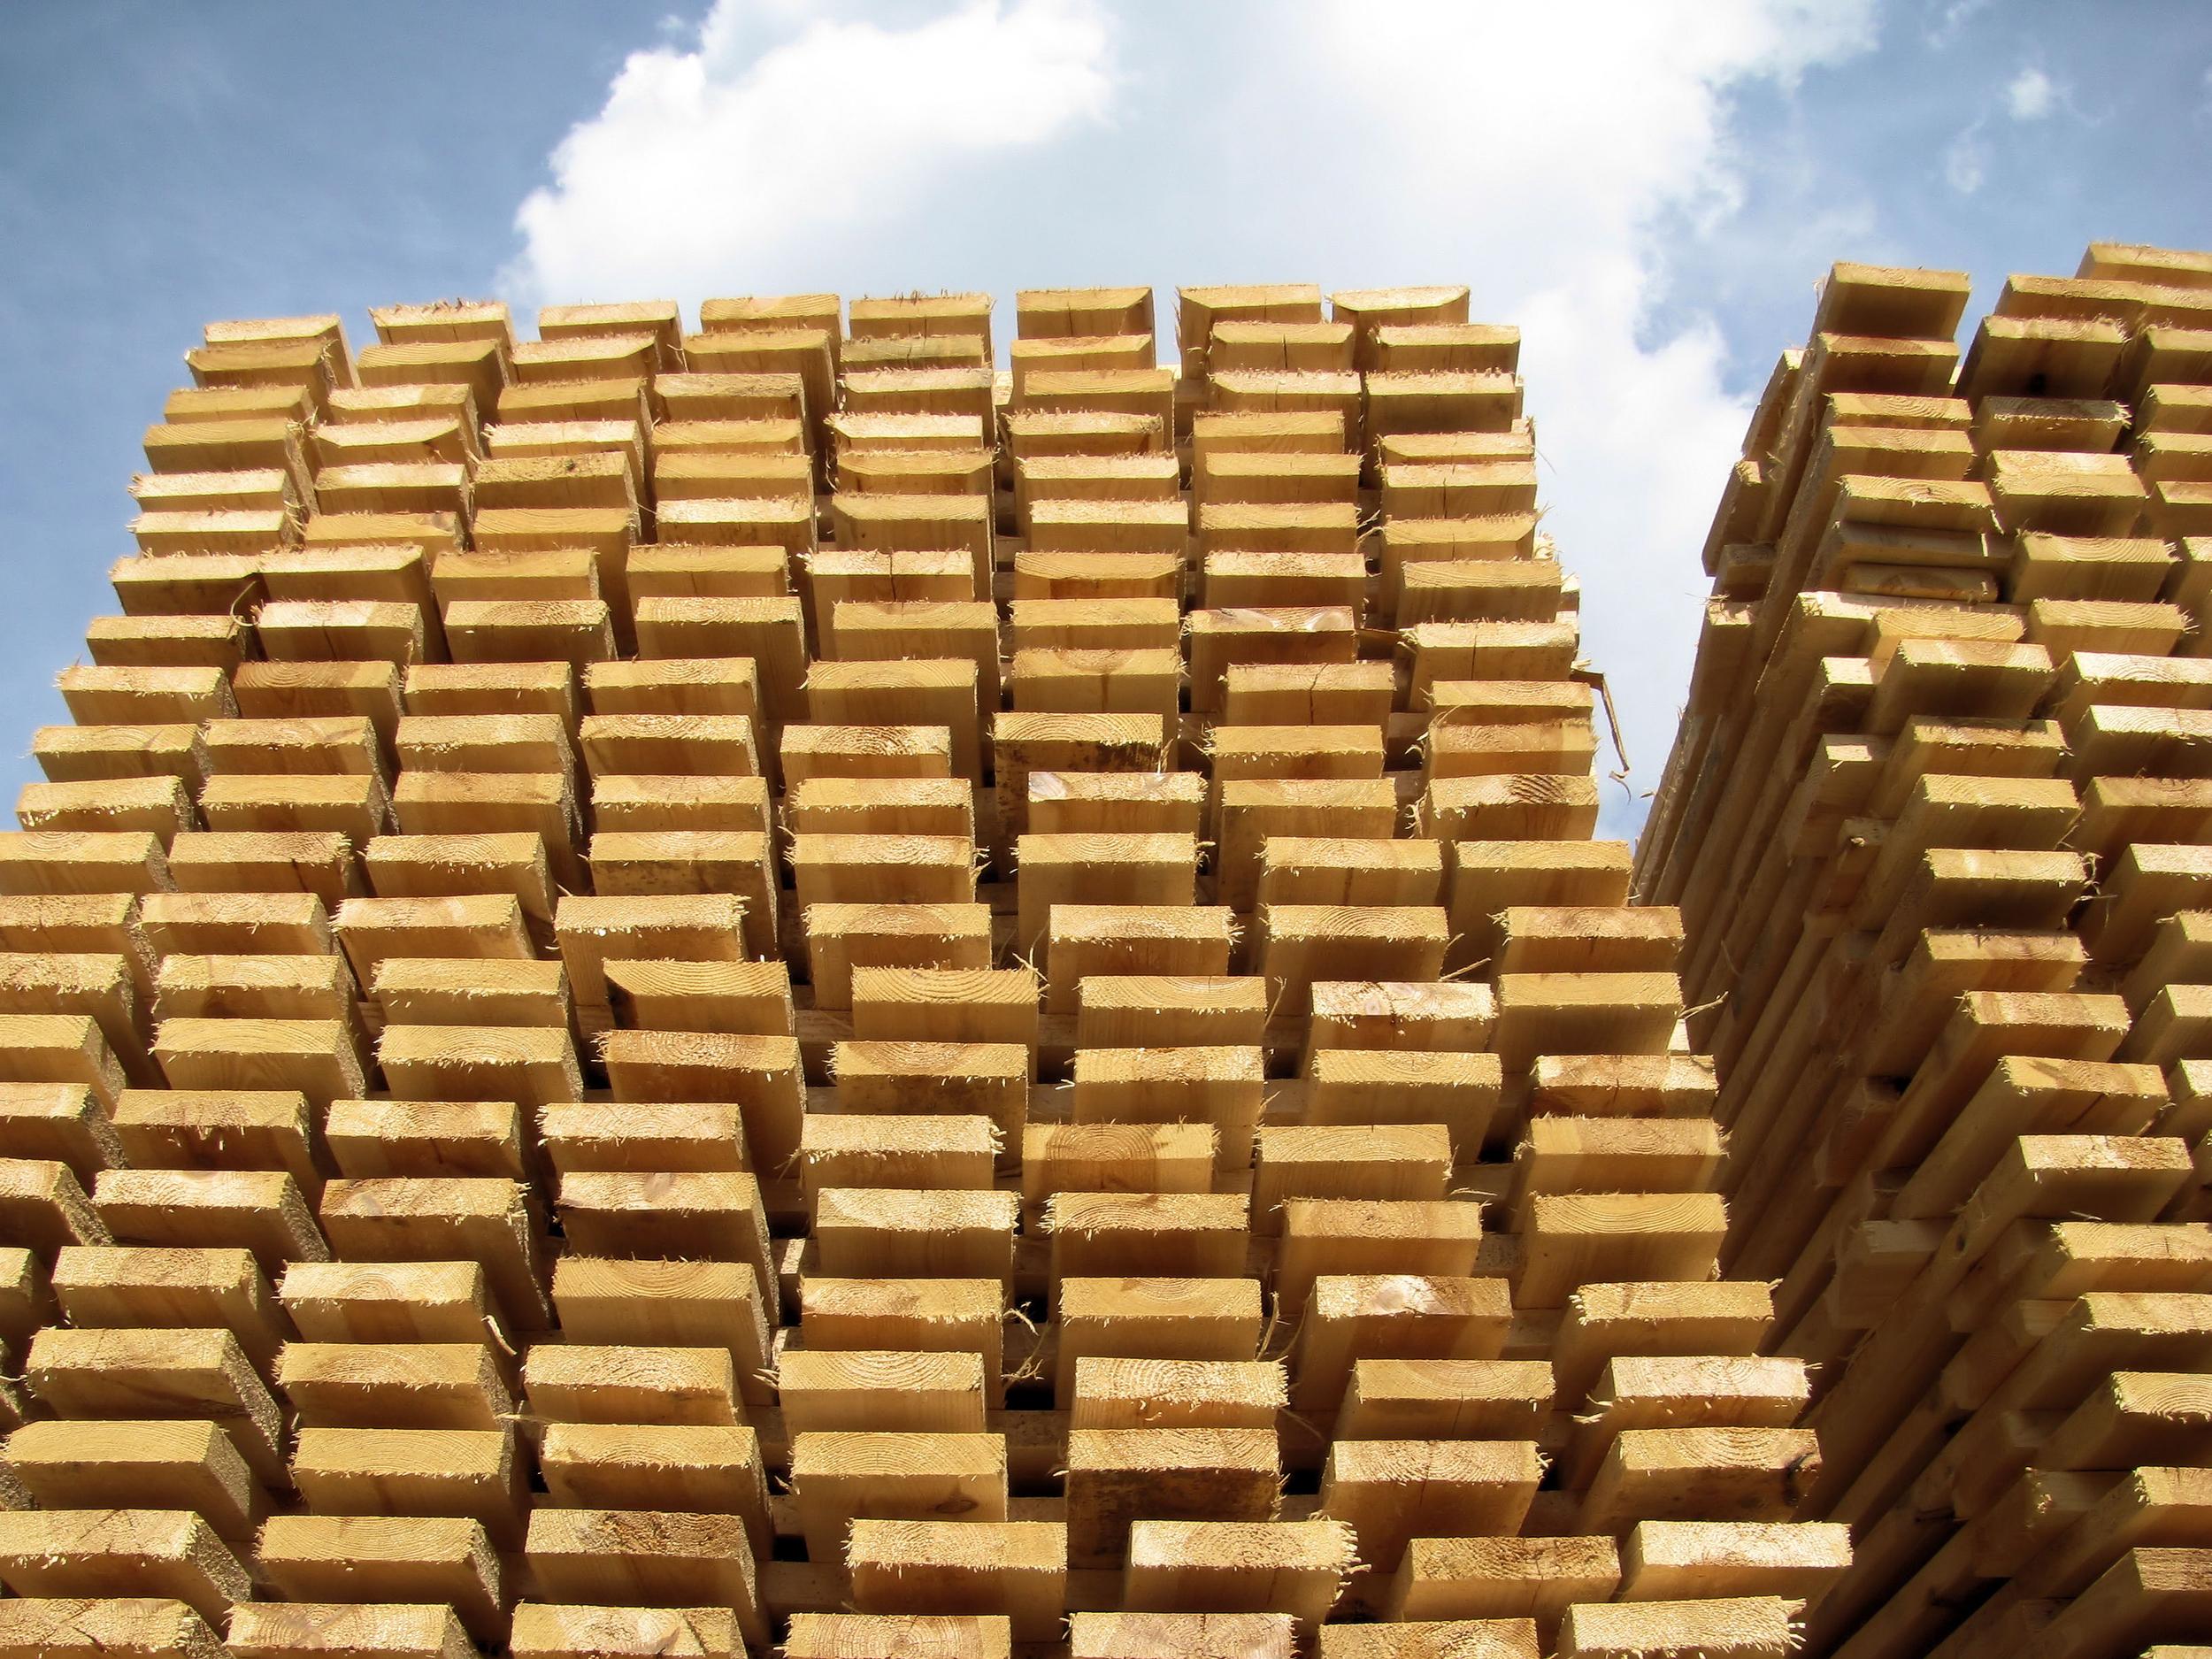 Augmentation de la productivité sur des systèmes d'empilement et classement de bois